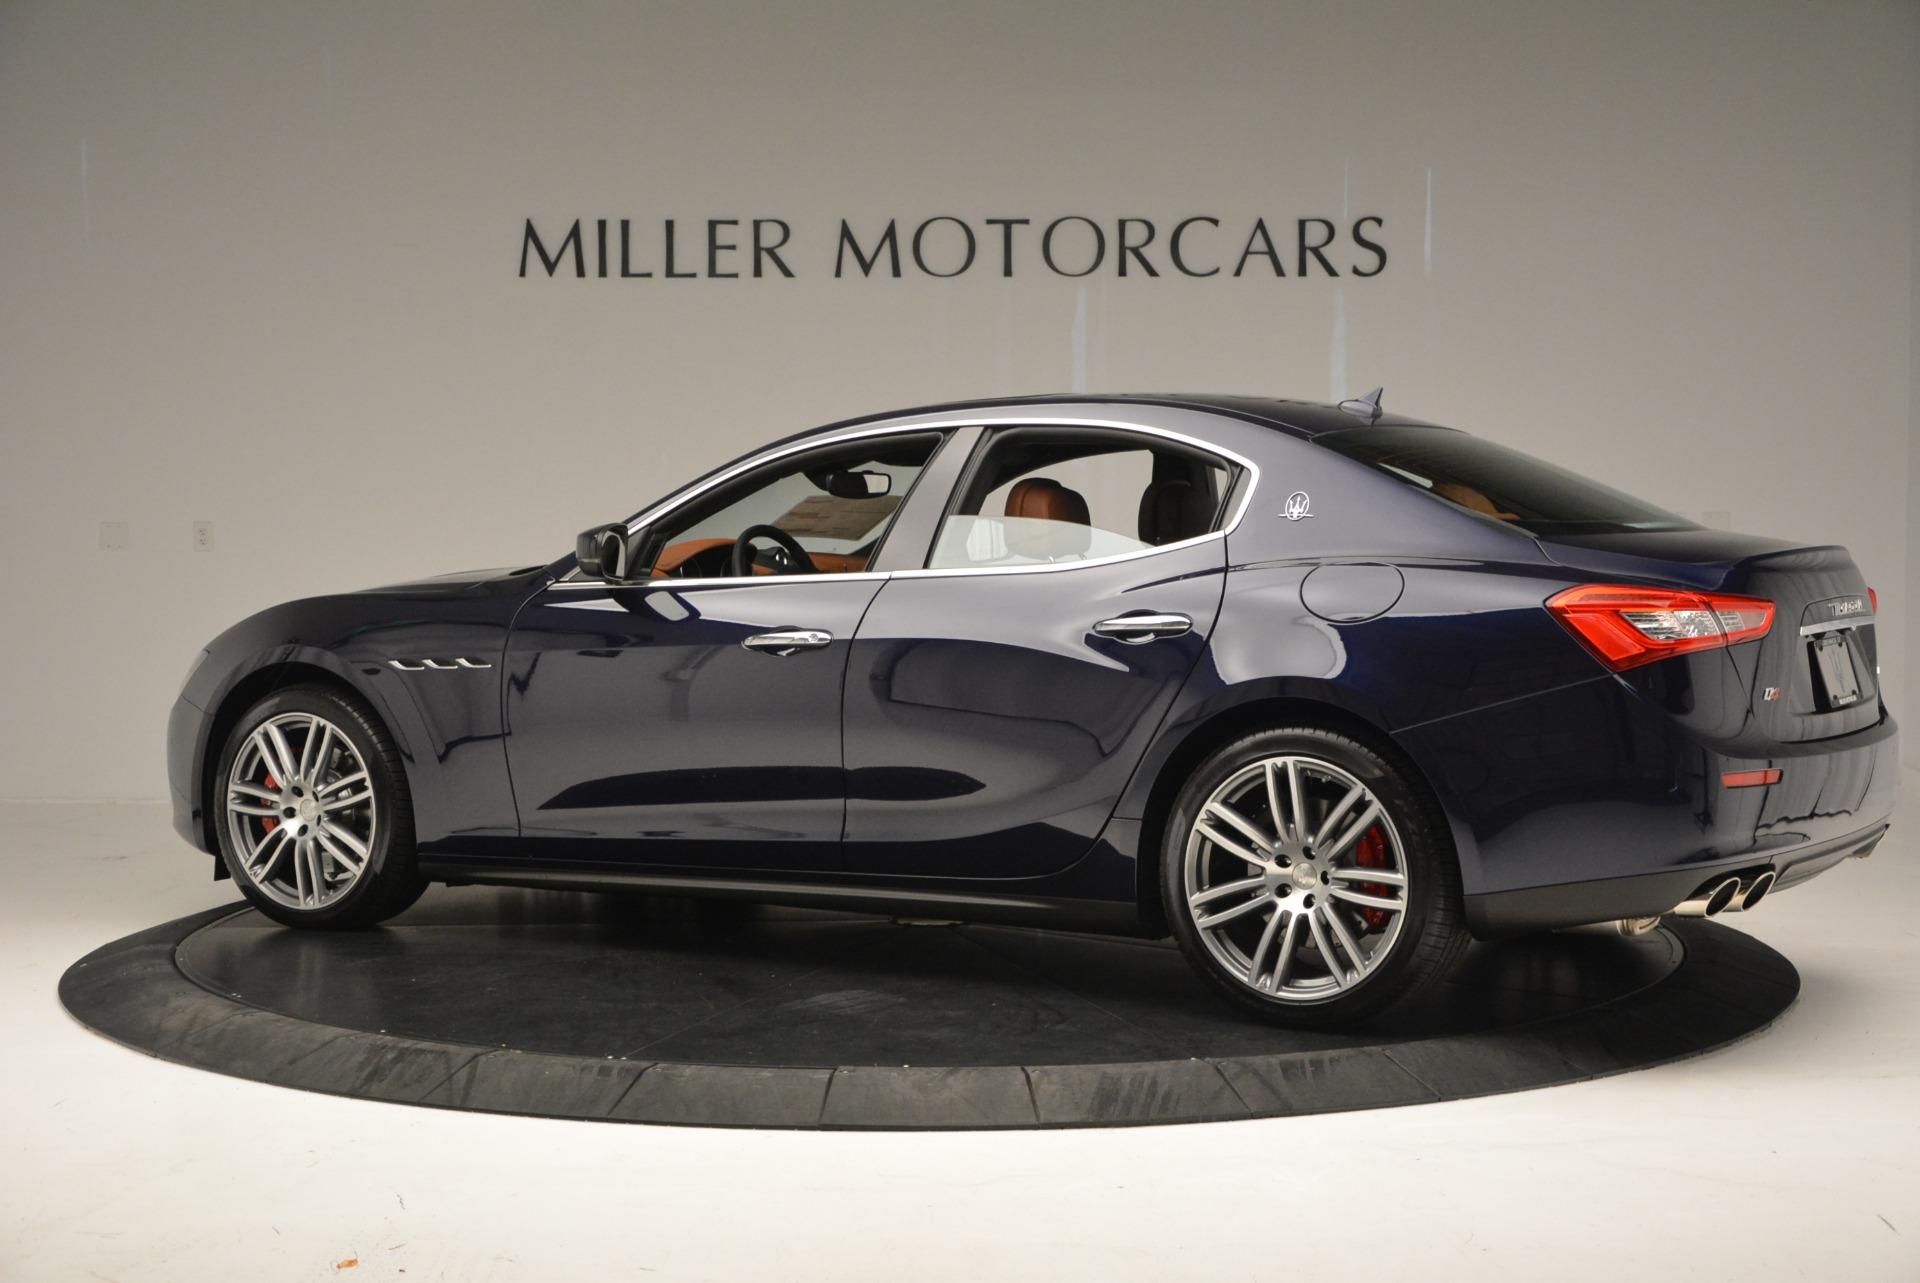 New 2019 Maserati Ghibli S Q4 For Sale In Greenwich, CT 2606_p4